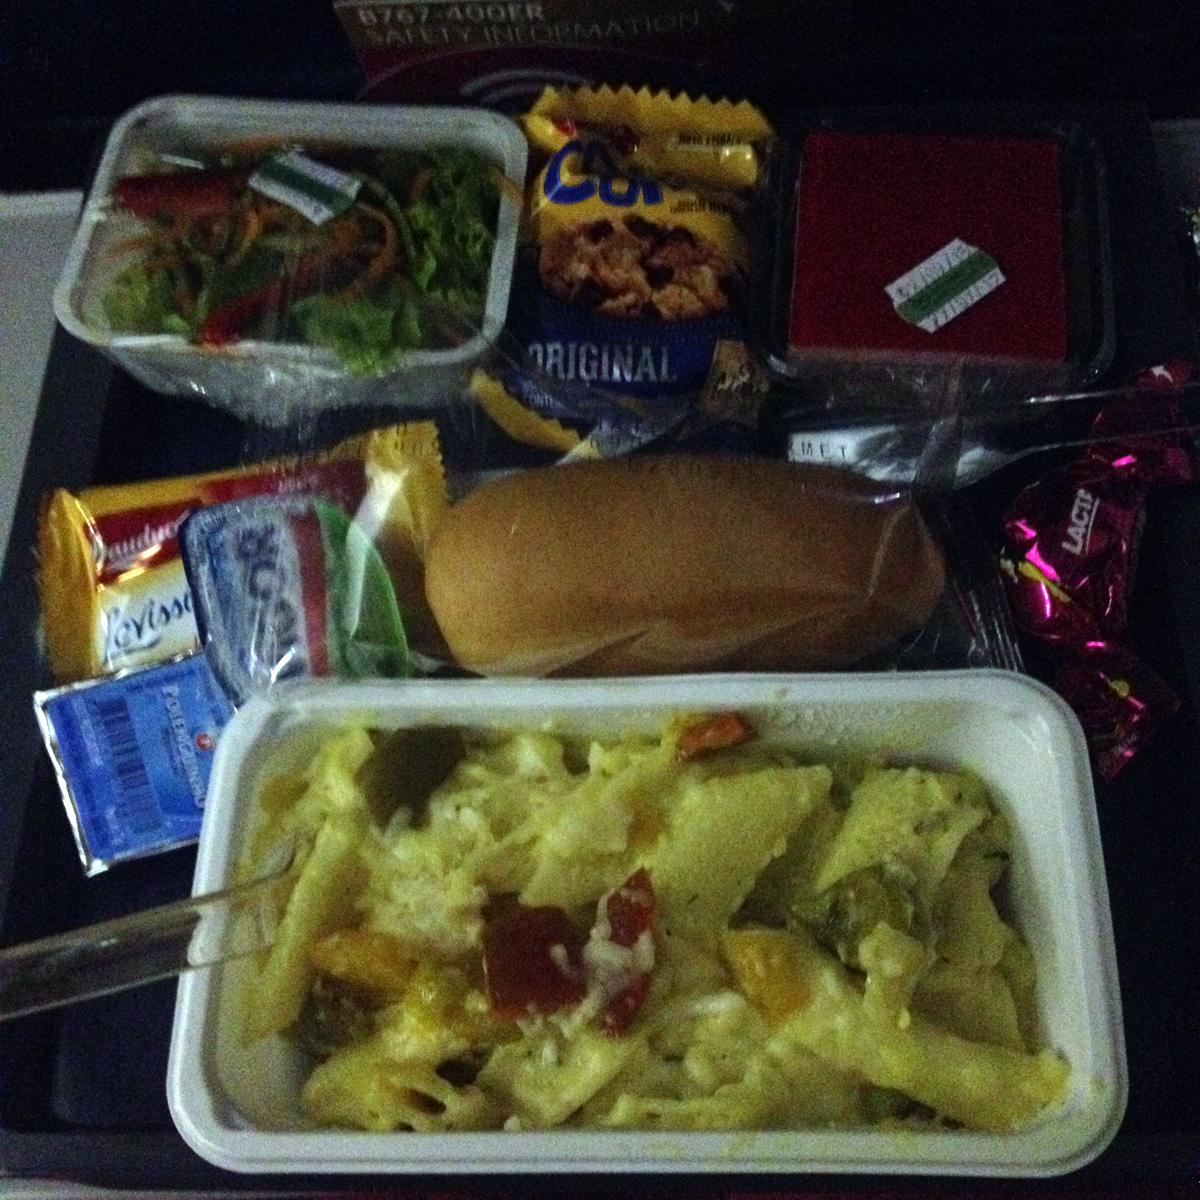 voos_muito_longos-comida-2-eusouatoa